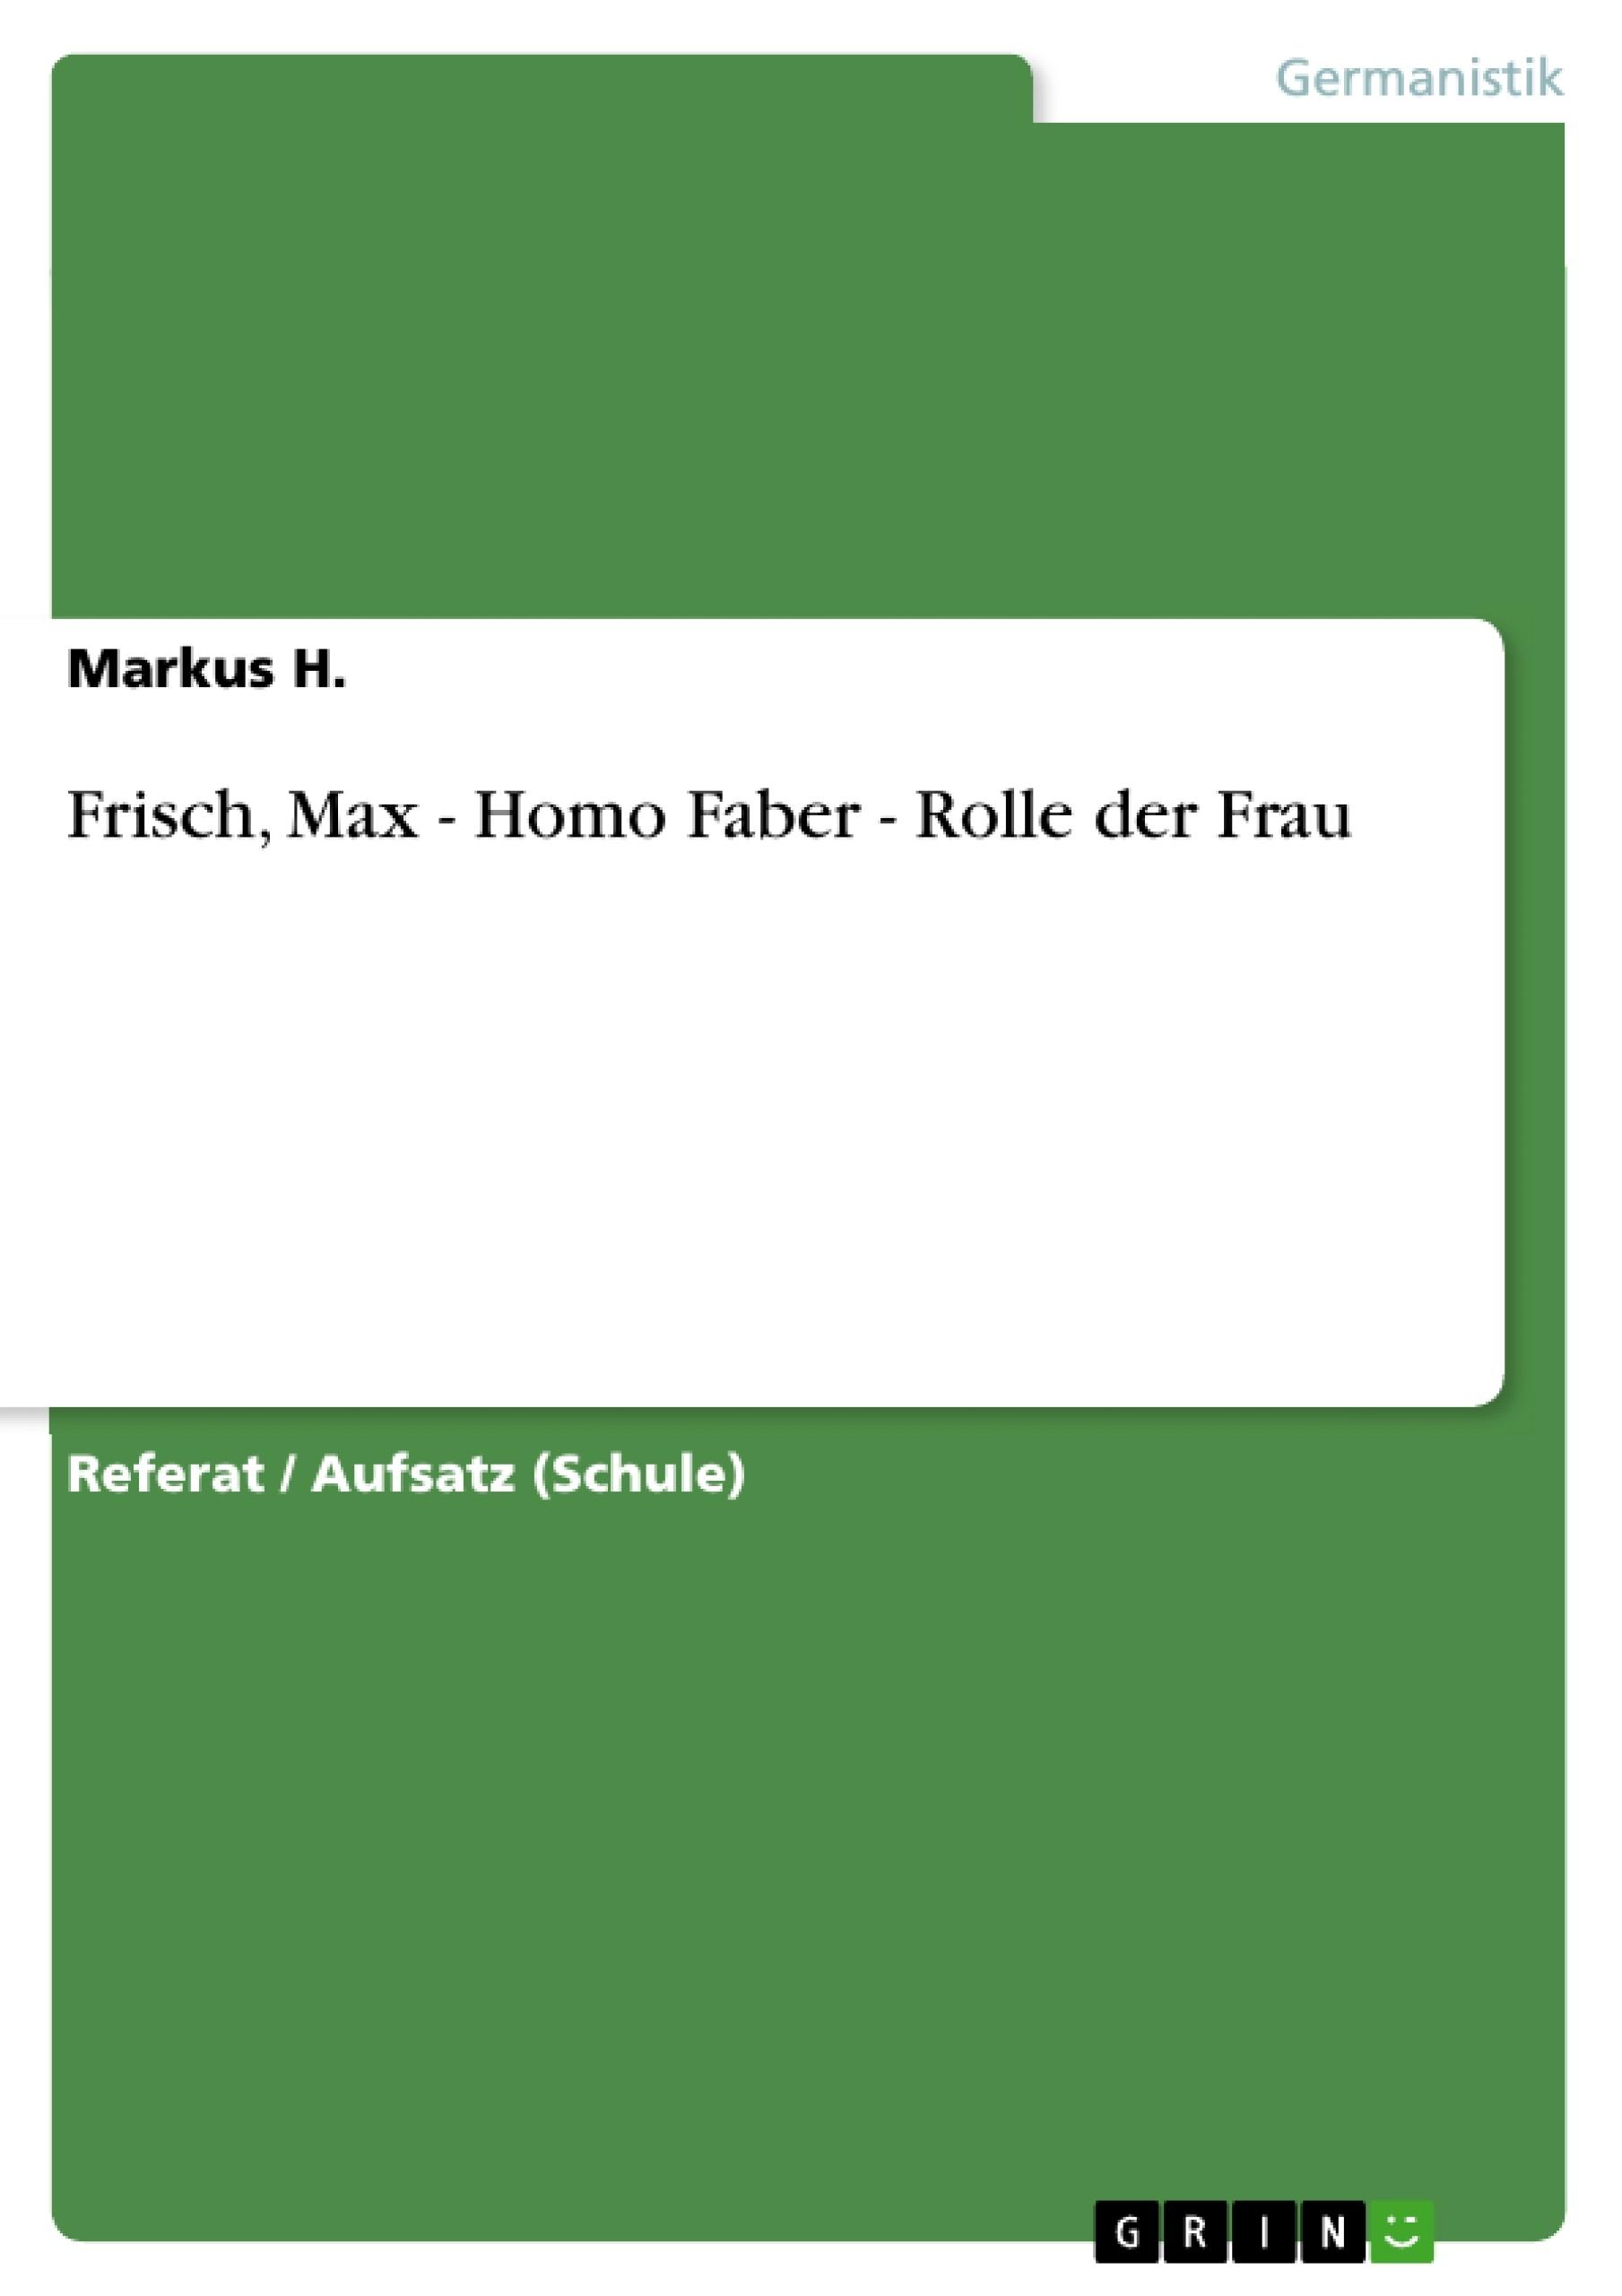 Titel: Frisch, Max - Homo Faber - Rolle der Frau